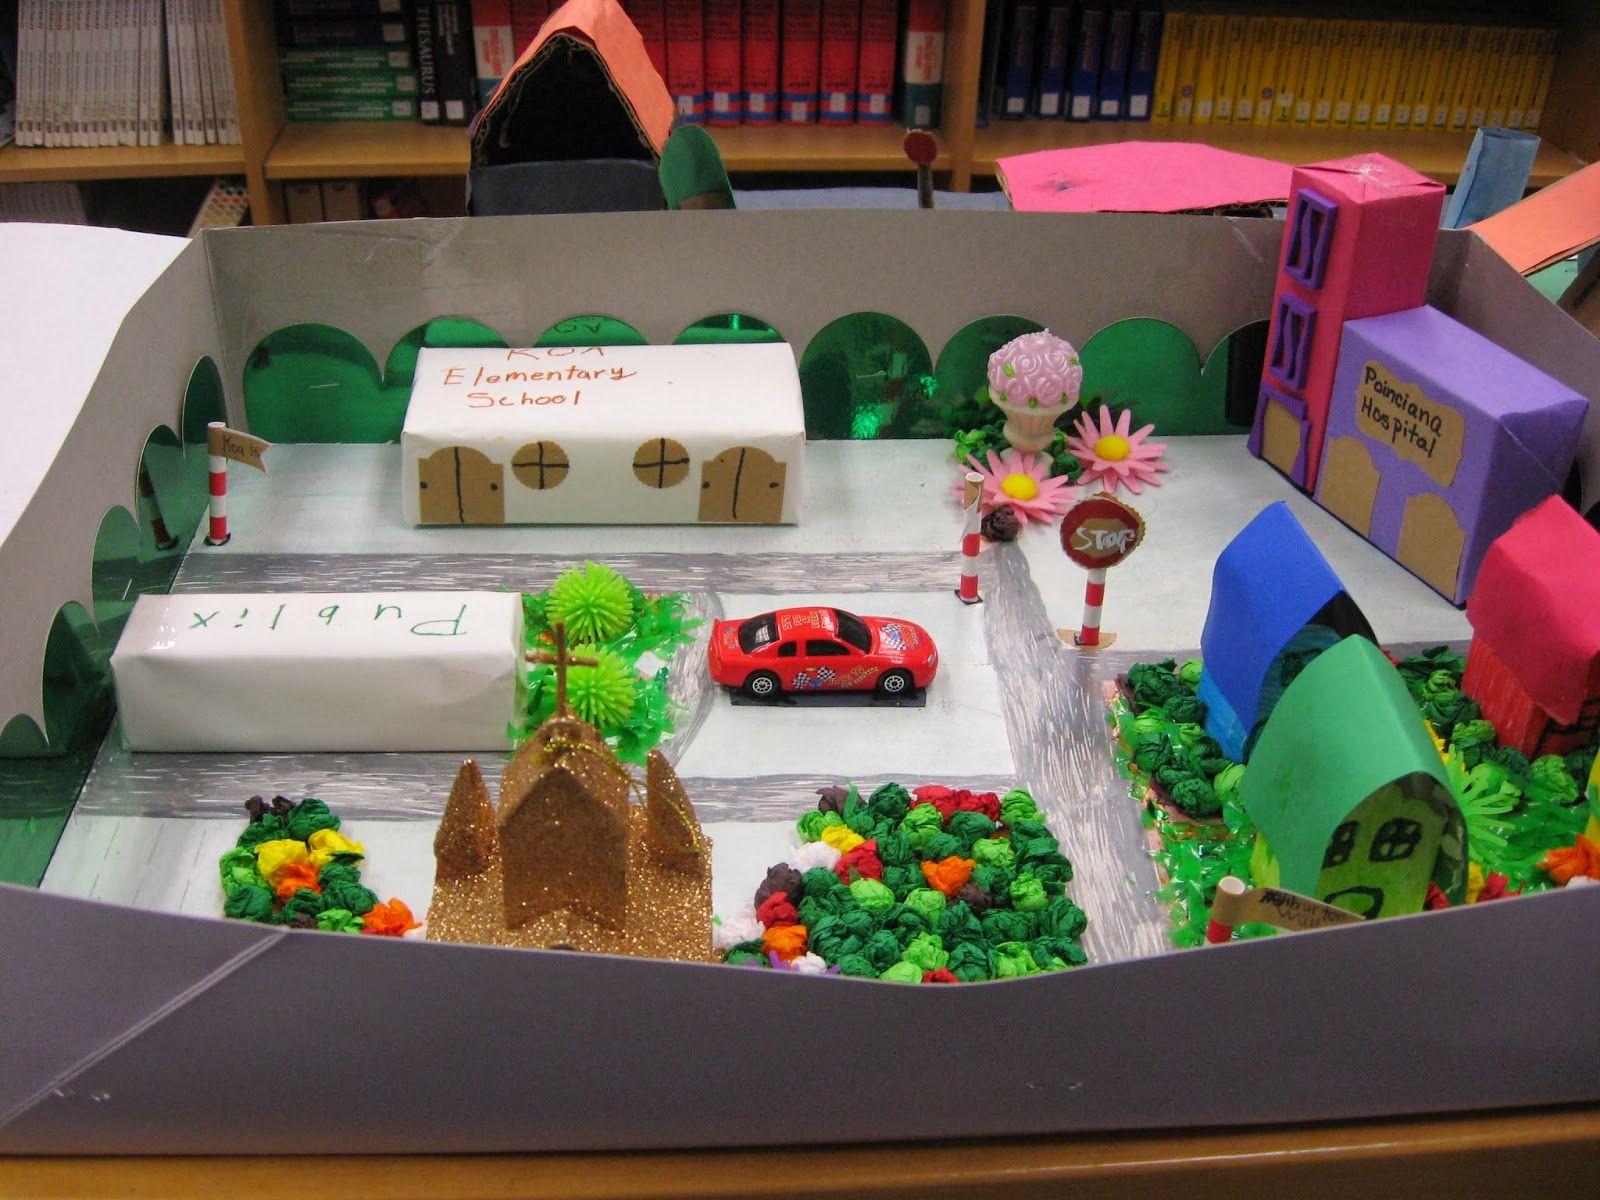 10 Cute School Project Ideas For Kids 3d community map hw school community school projects maps for kids